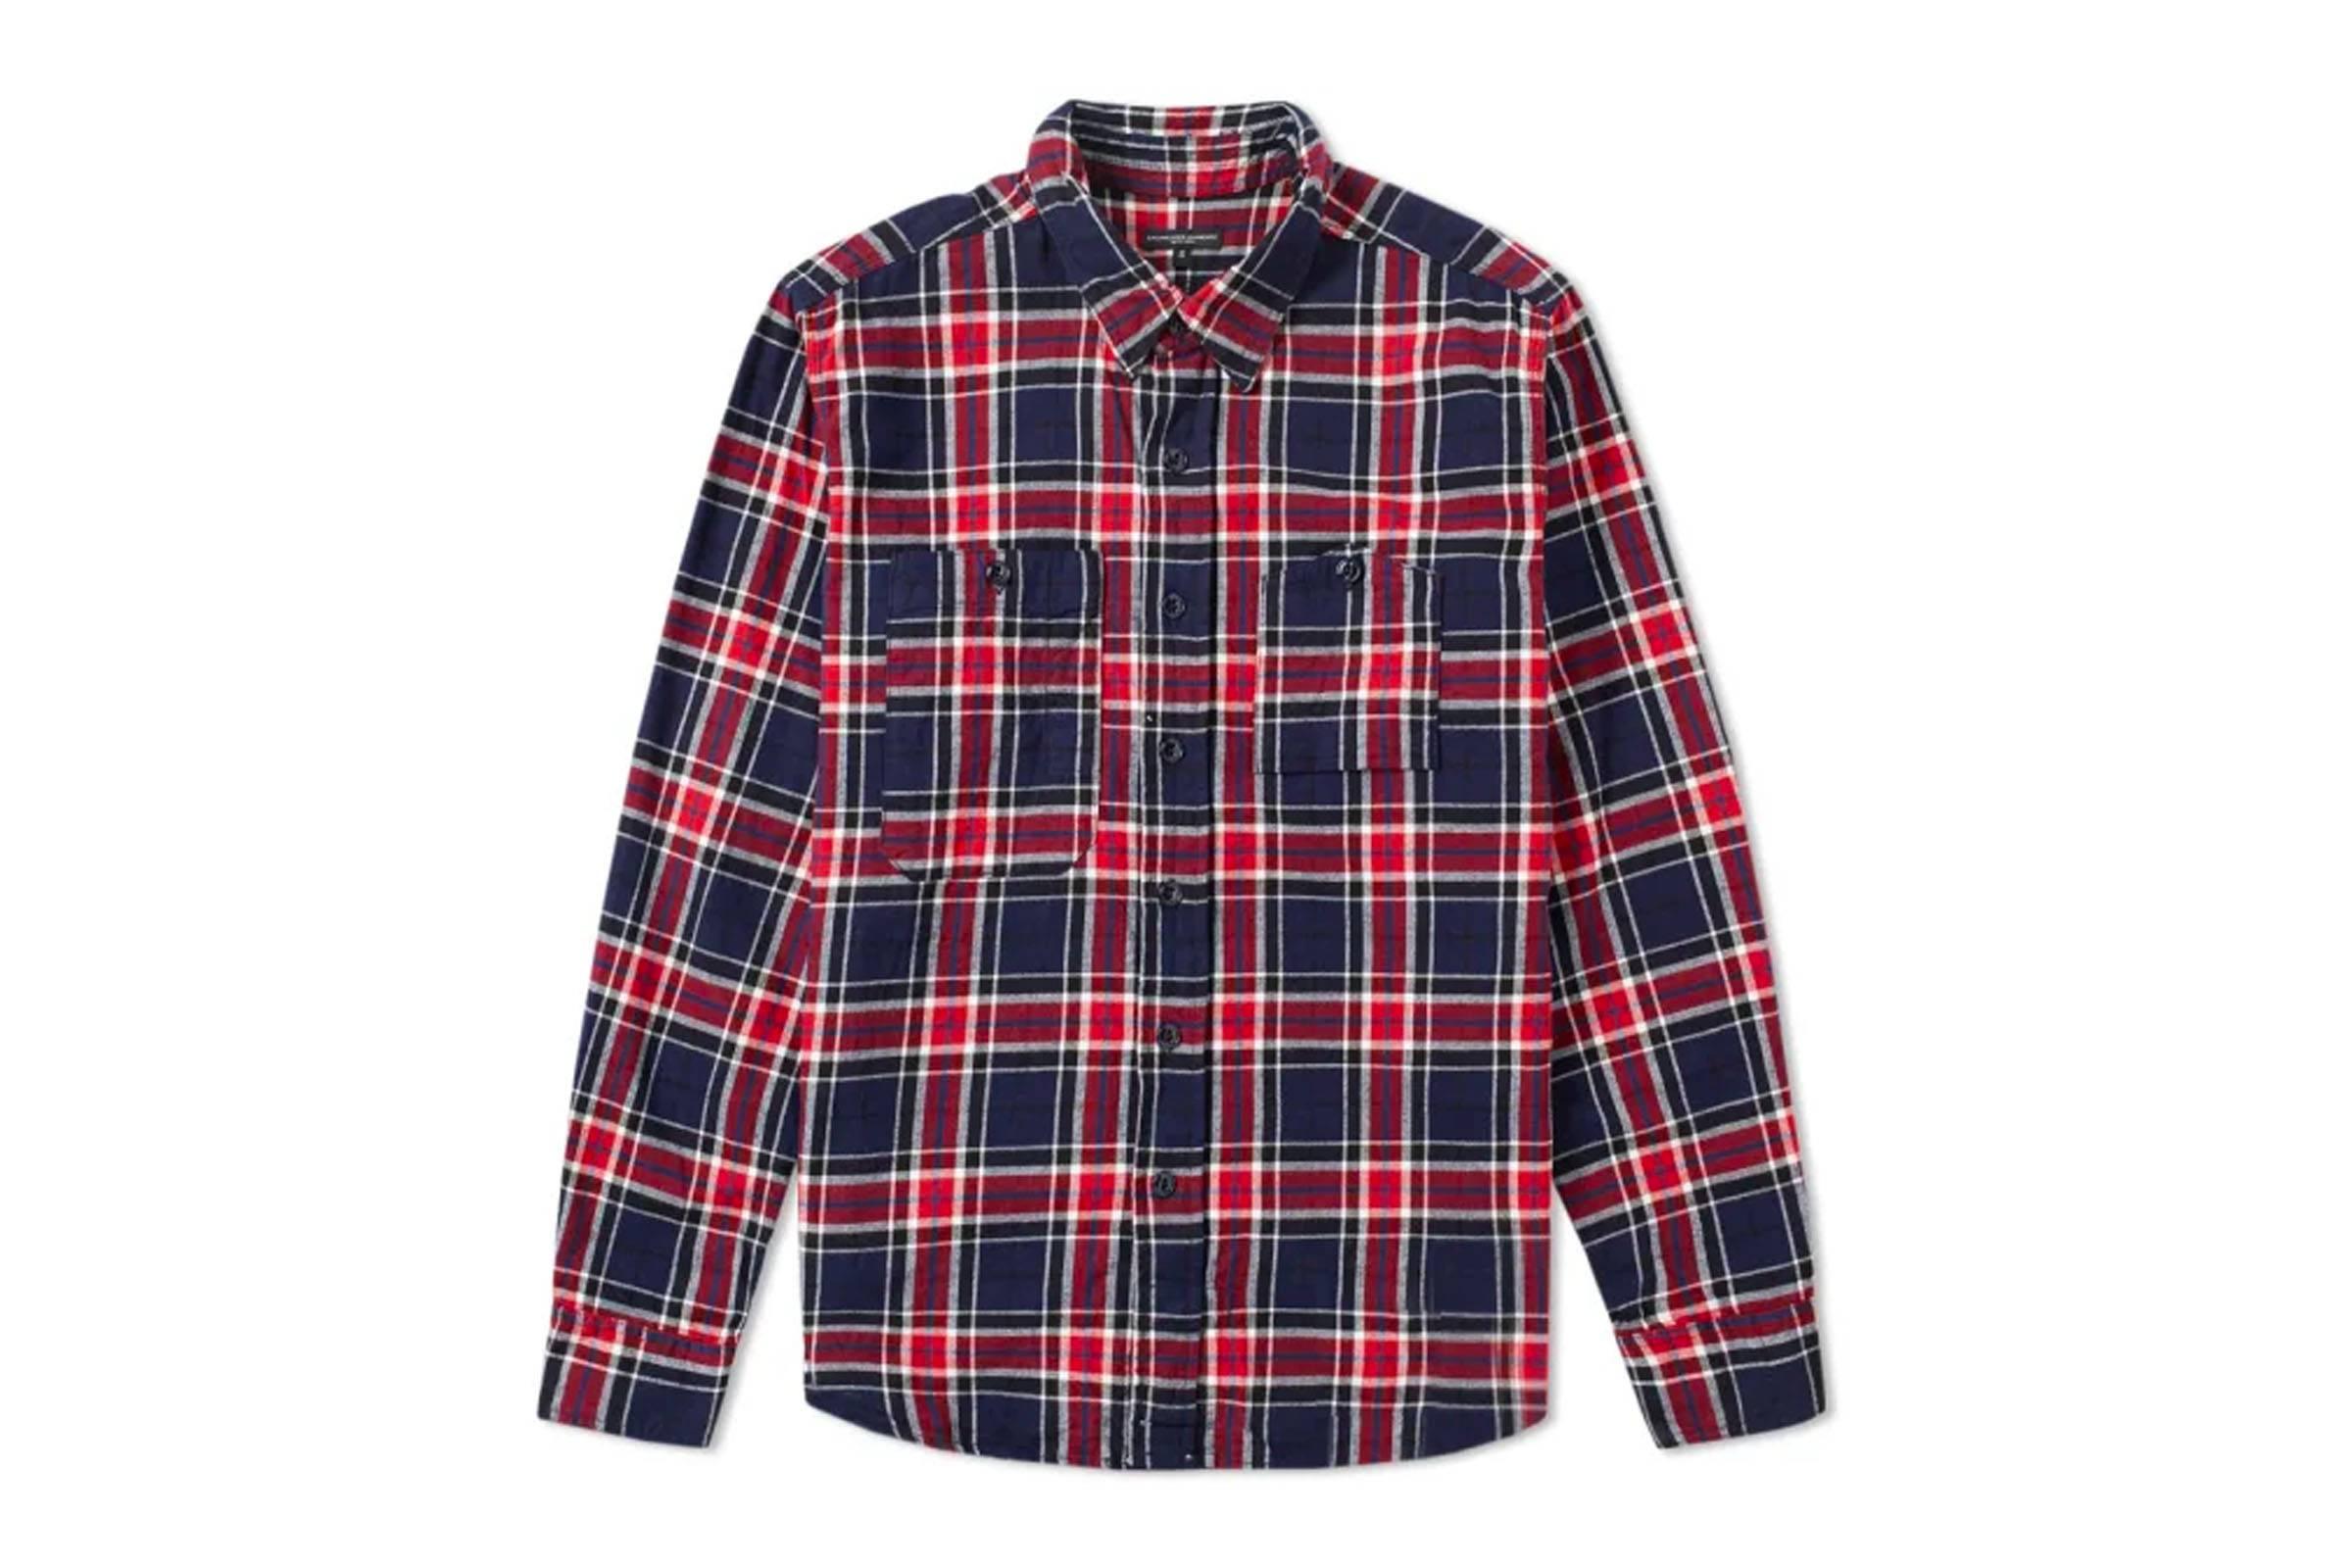 11. Engineered Garments Flannel Work Shirt